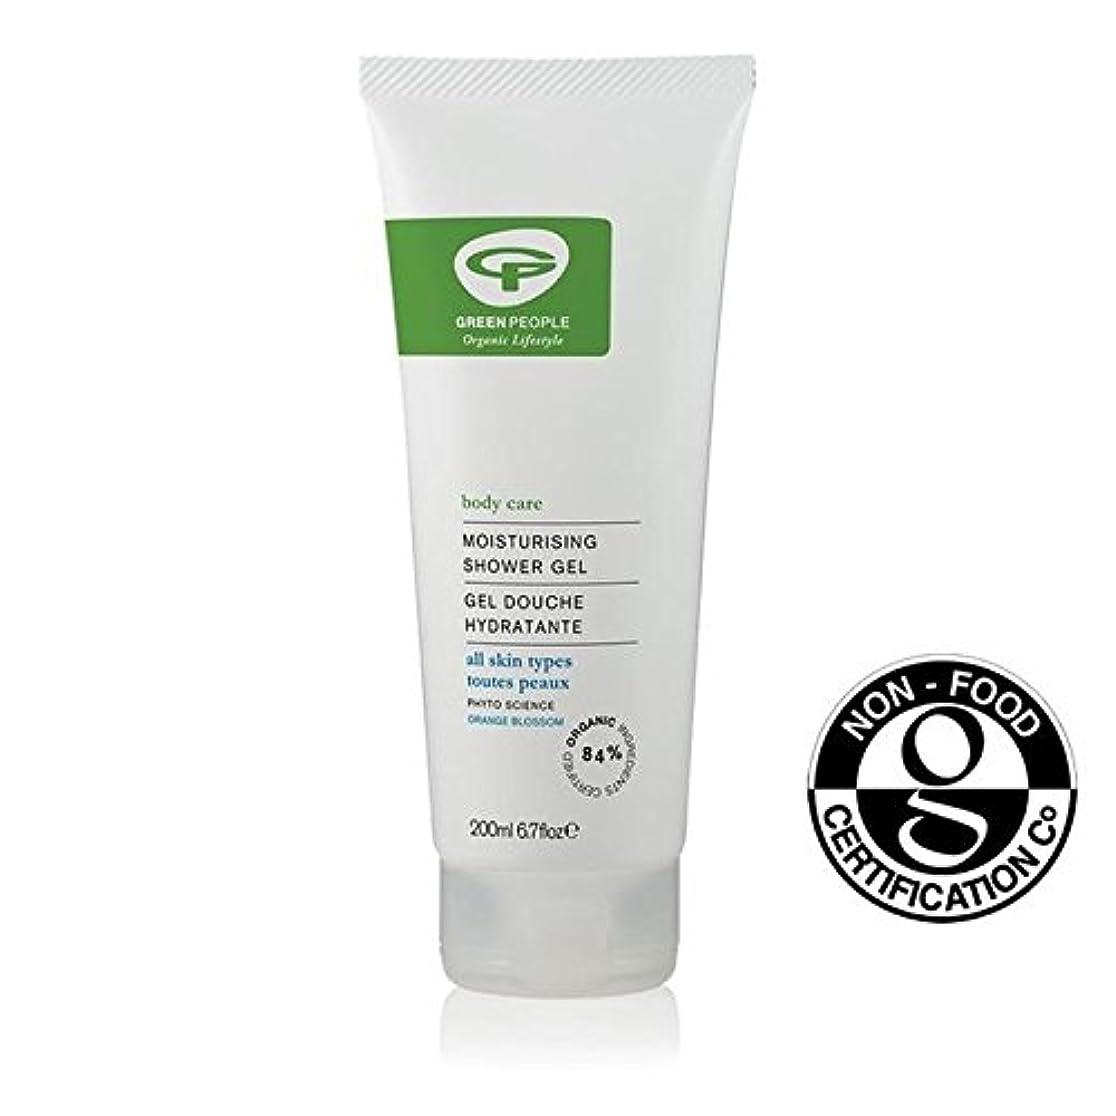 ヒロインピュー注ぎます緑の人々の有機保湿シャワージェル200 x4 - Green People Organic Moisturising Shower Gel 200ml (Pack of 4) [並行輸入品]